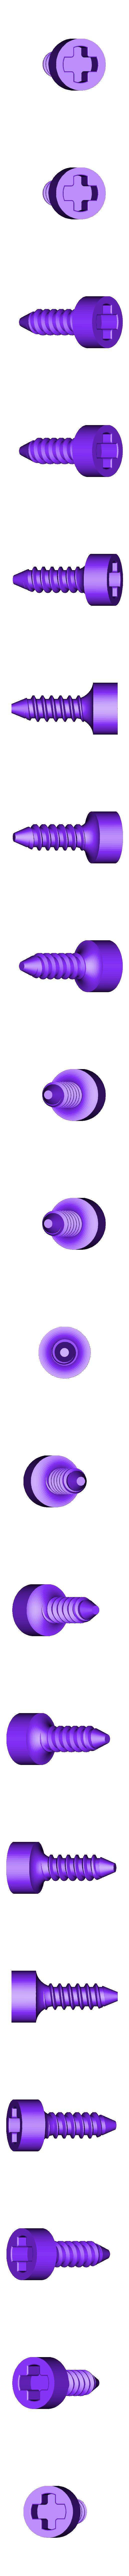 S6.stl Télécharger fichier STL Perceuse à main Impression 3D • Design pour impression 3D, MPPSWKA7